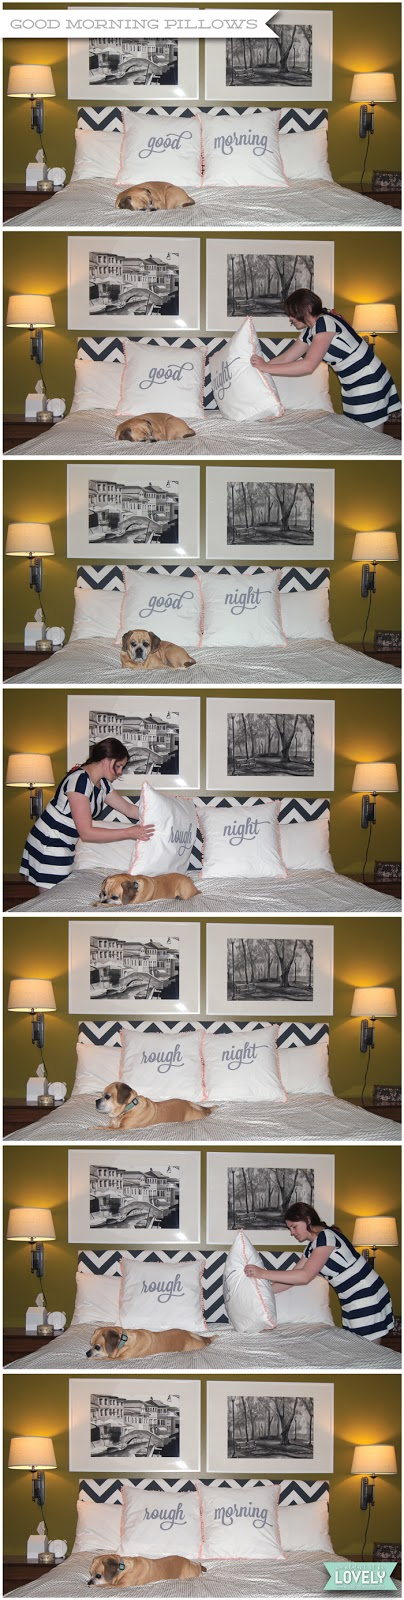 bed+pillows-1.jpg